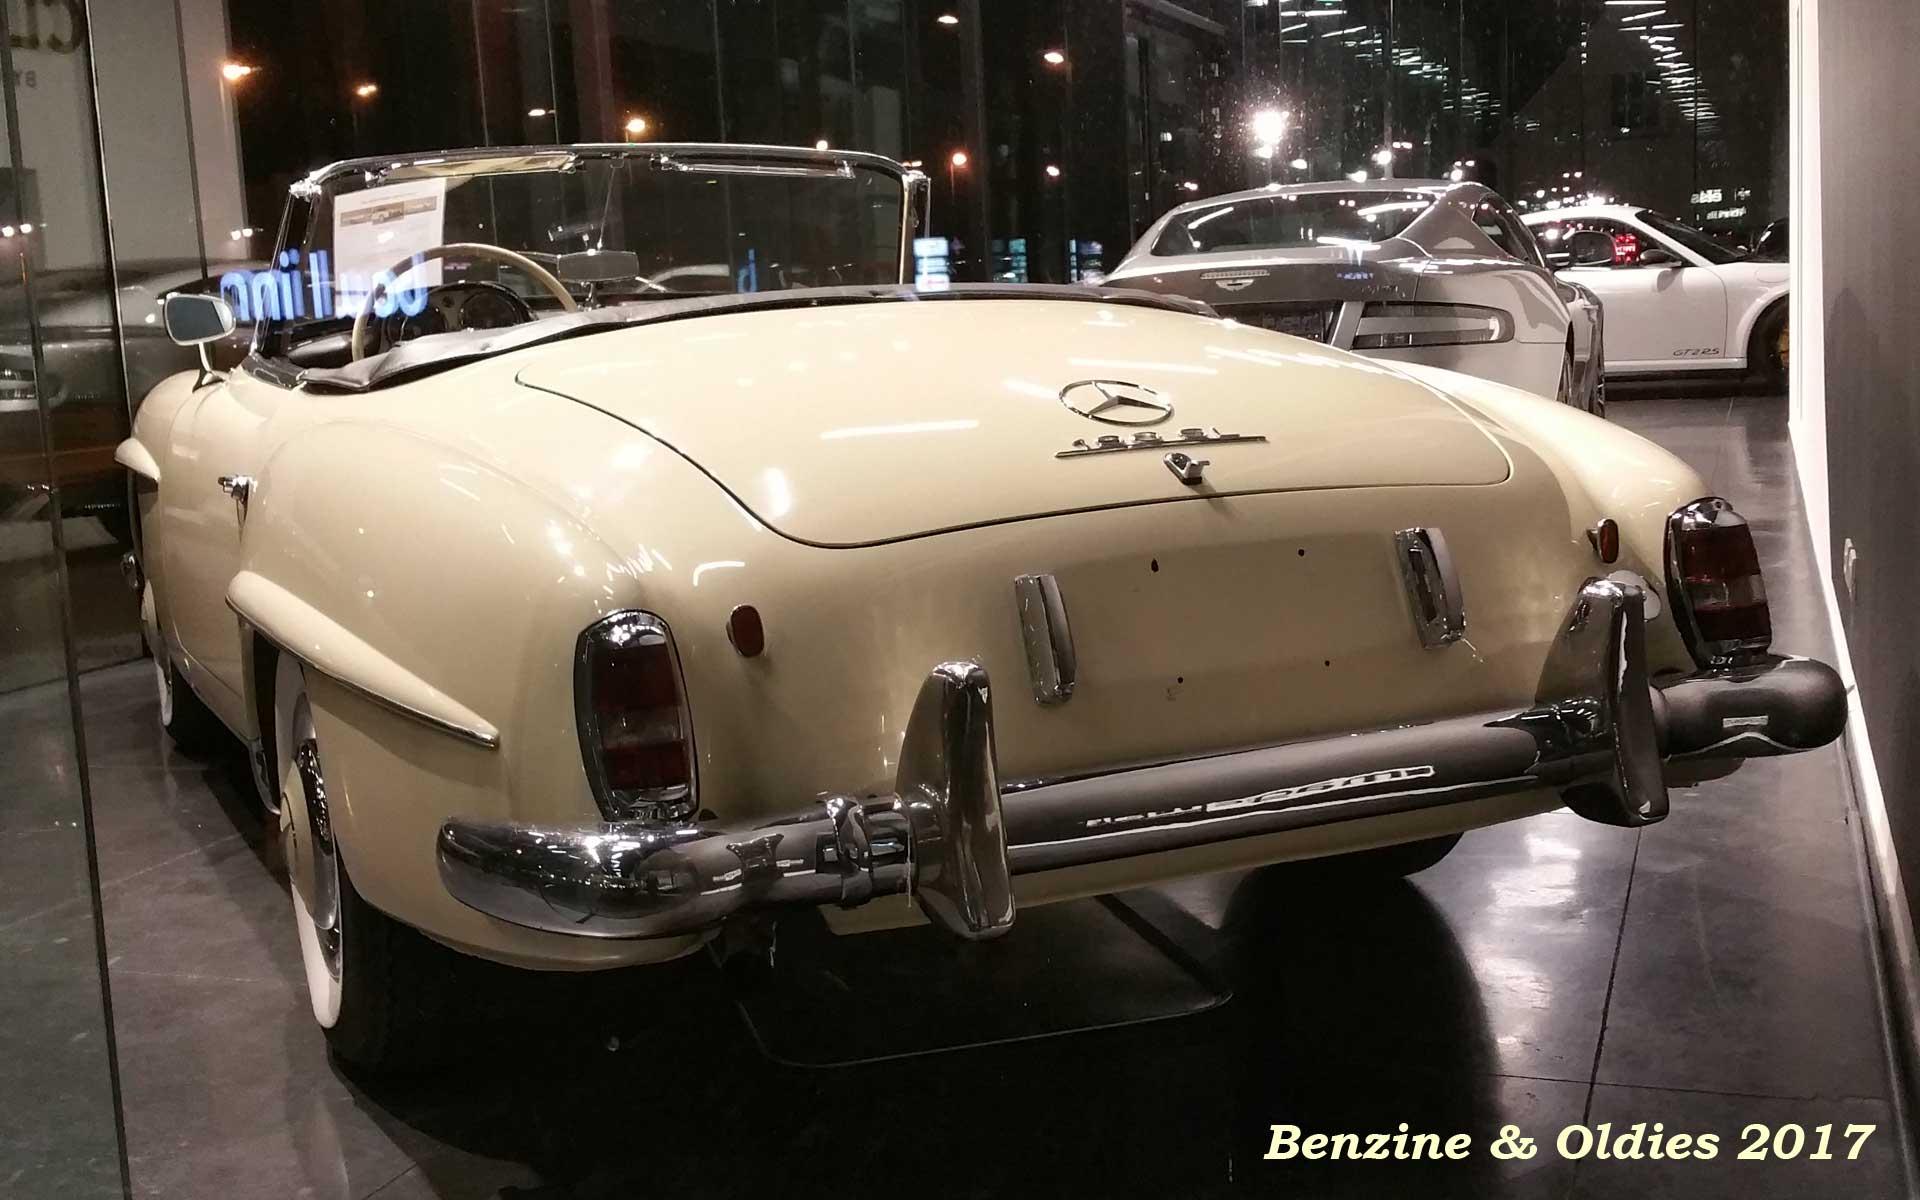 Une Mercedes-Benz 190 SL - w121 b2 - à vendre chez Vandenberghe à Sint-Martens-Latem (Belgique) Mb_w121b2_190_sl_street_170321_07_w1920